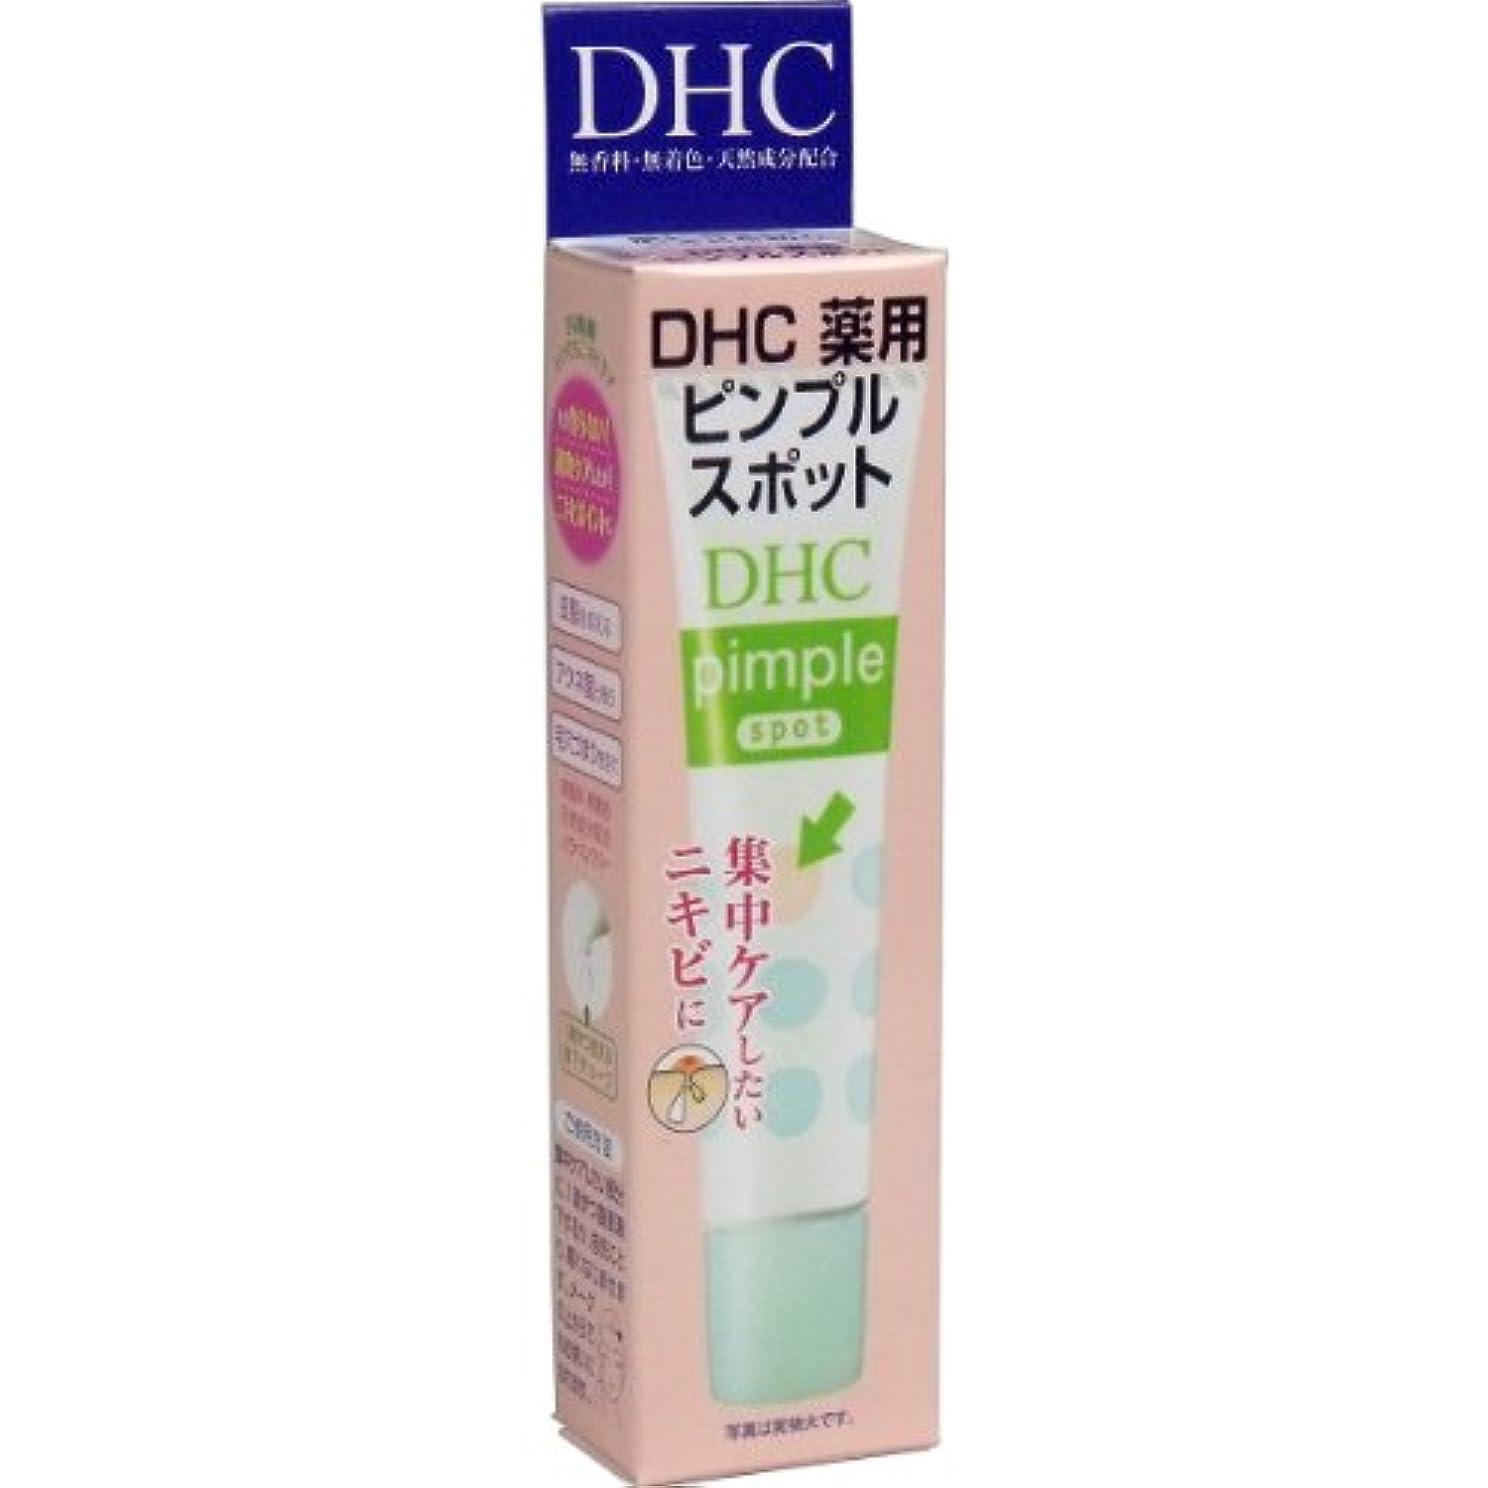 社会主義影響する百科事典【DHC】DHC 薬用ピンプルスポット 15ml ×10個セット